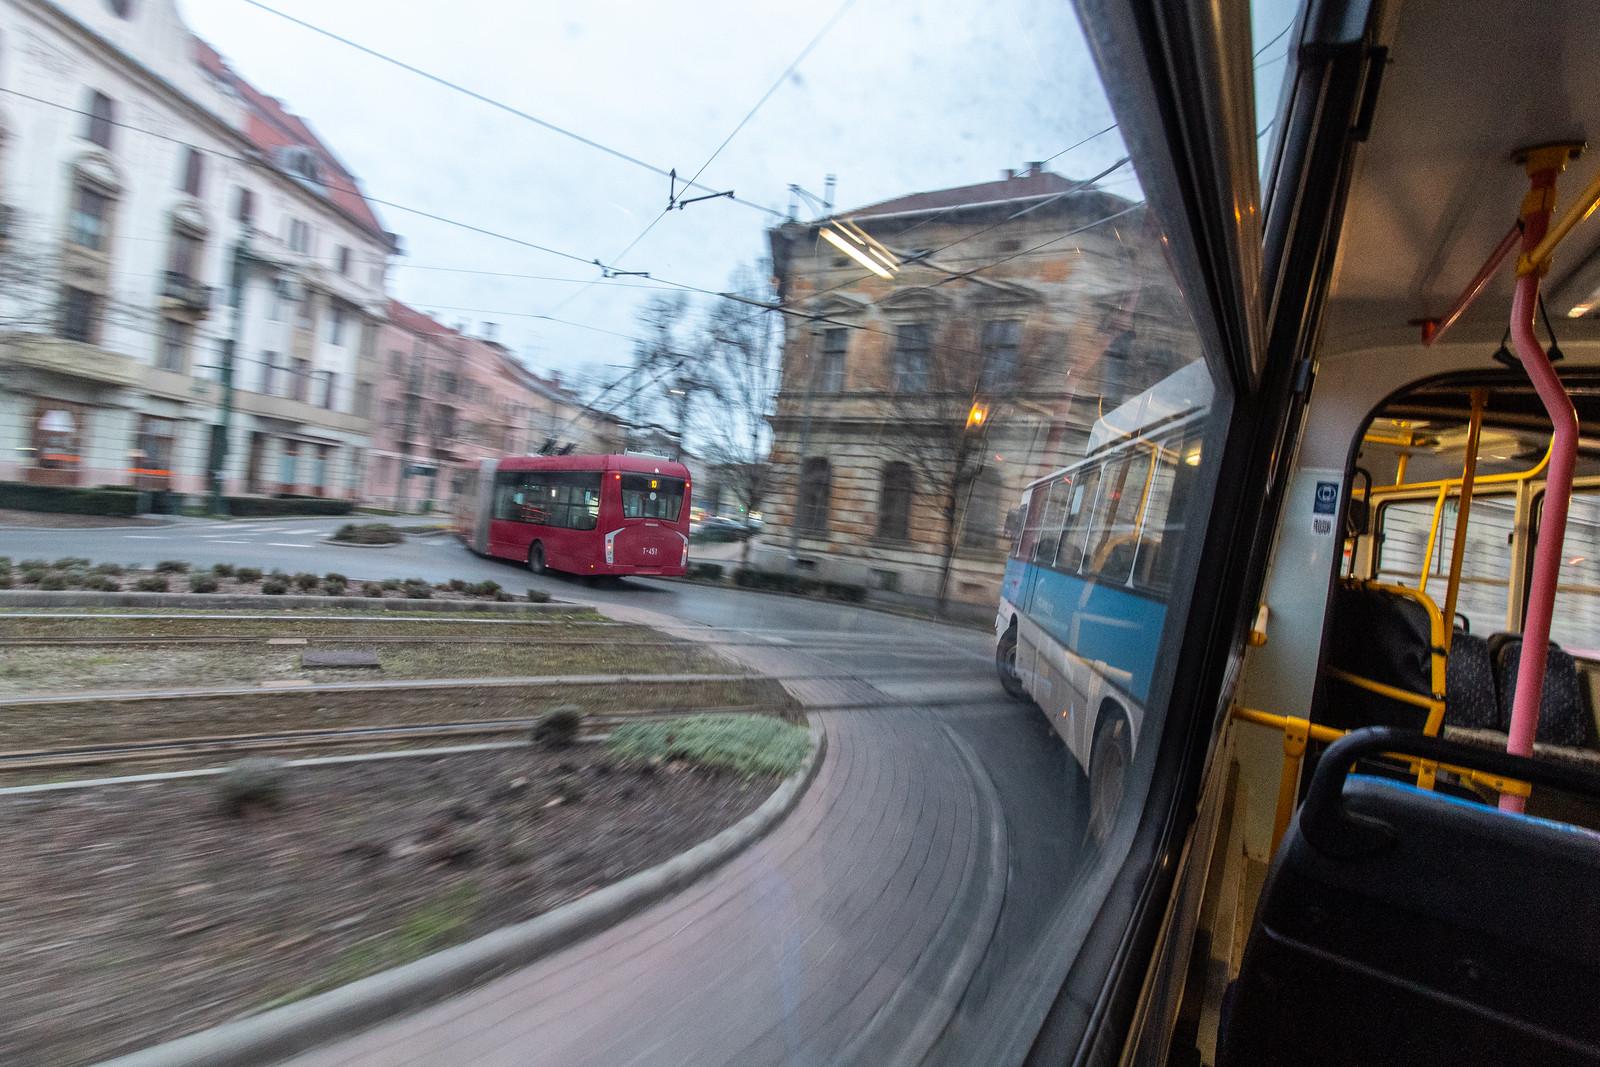 13,5 millióból hangolnak 18 lámpát, hogy gyorsítstömegközlekedés menetrendszerűségét